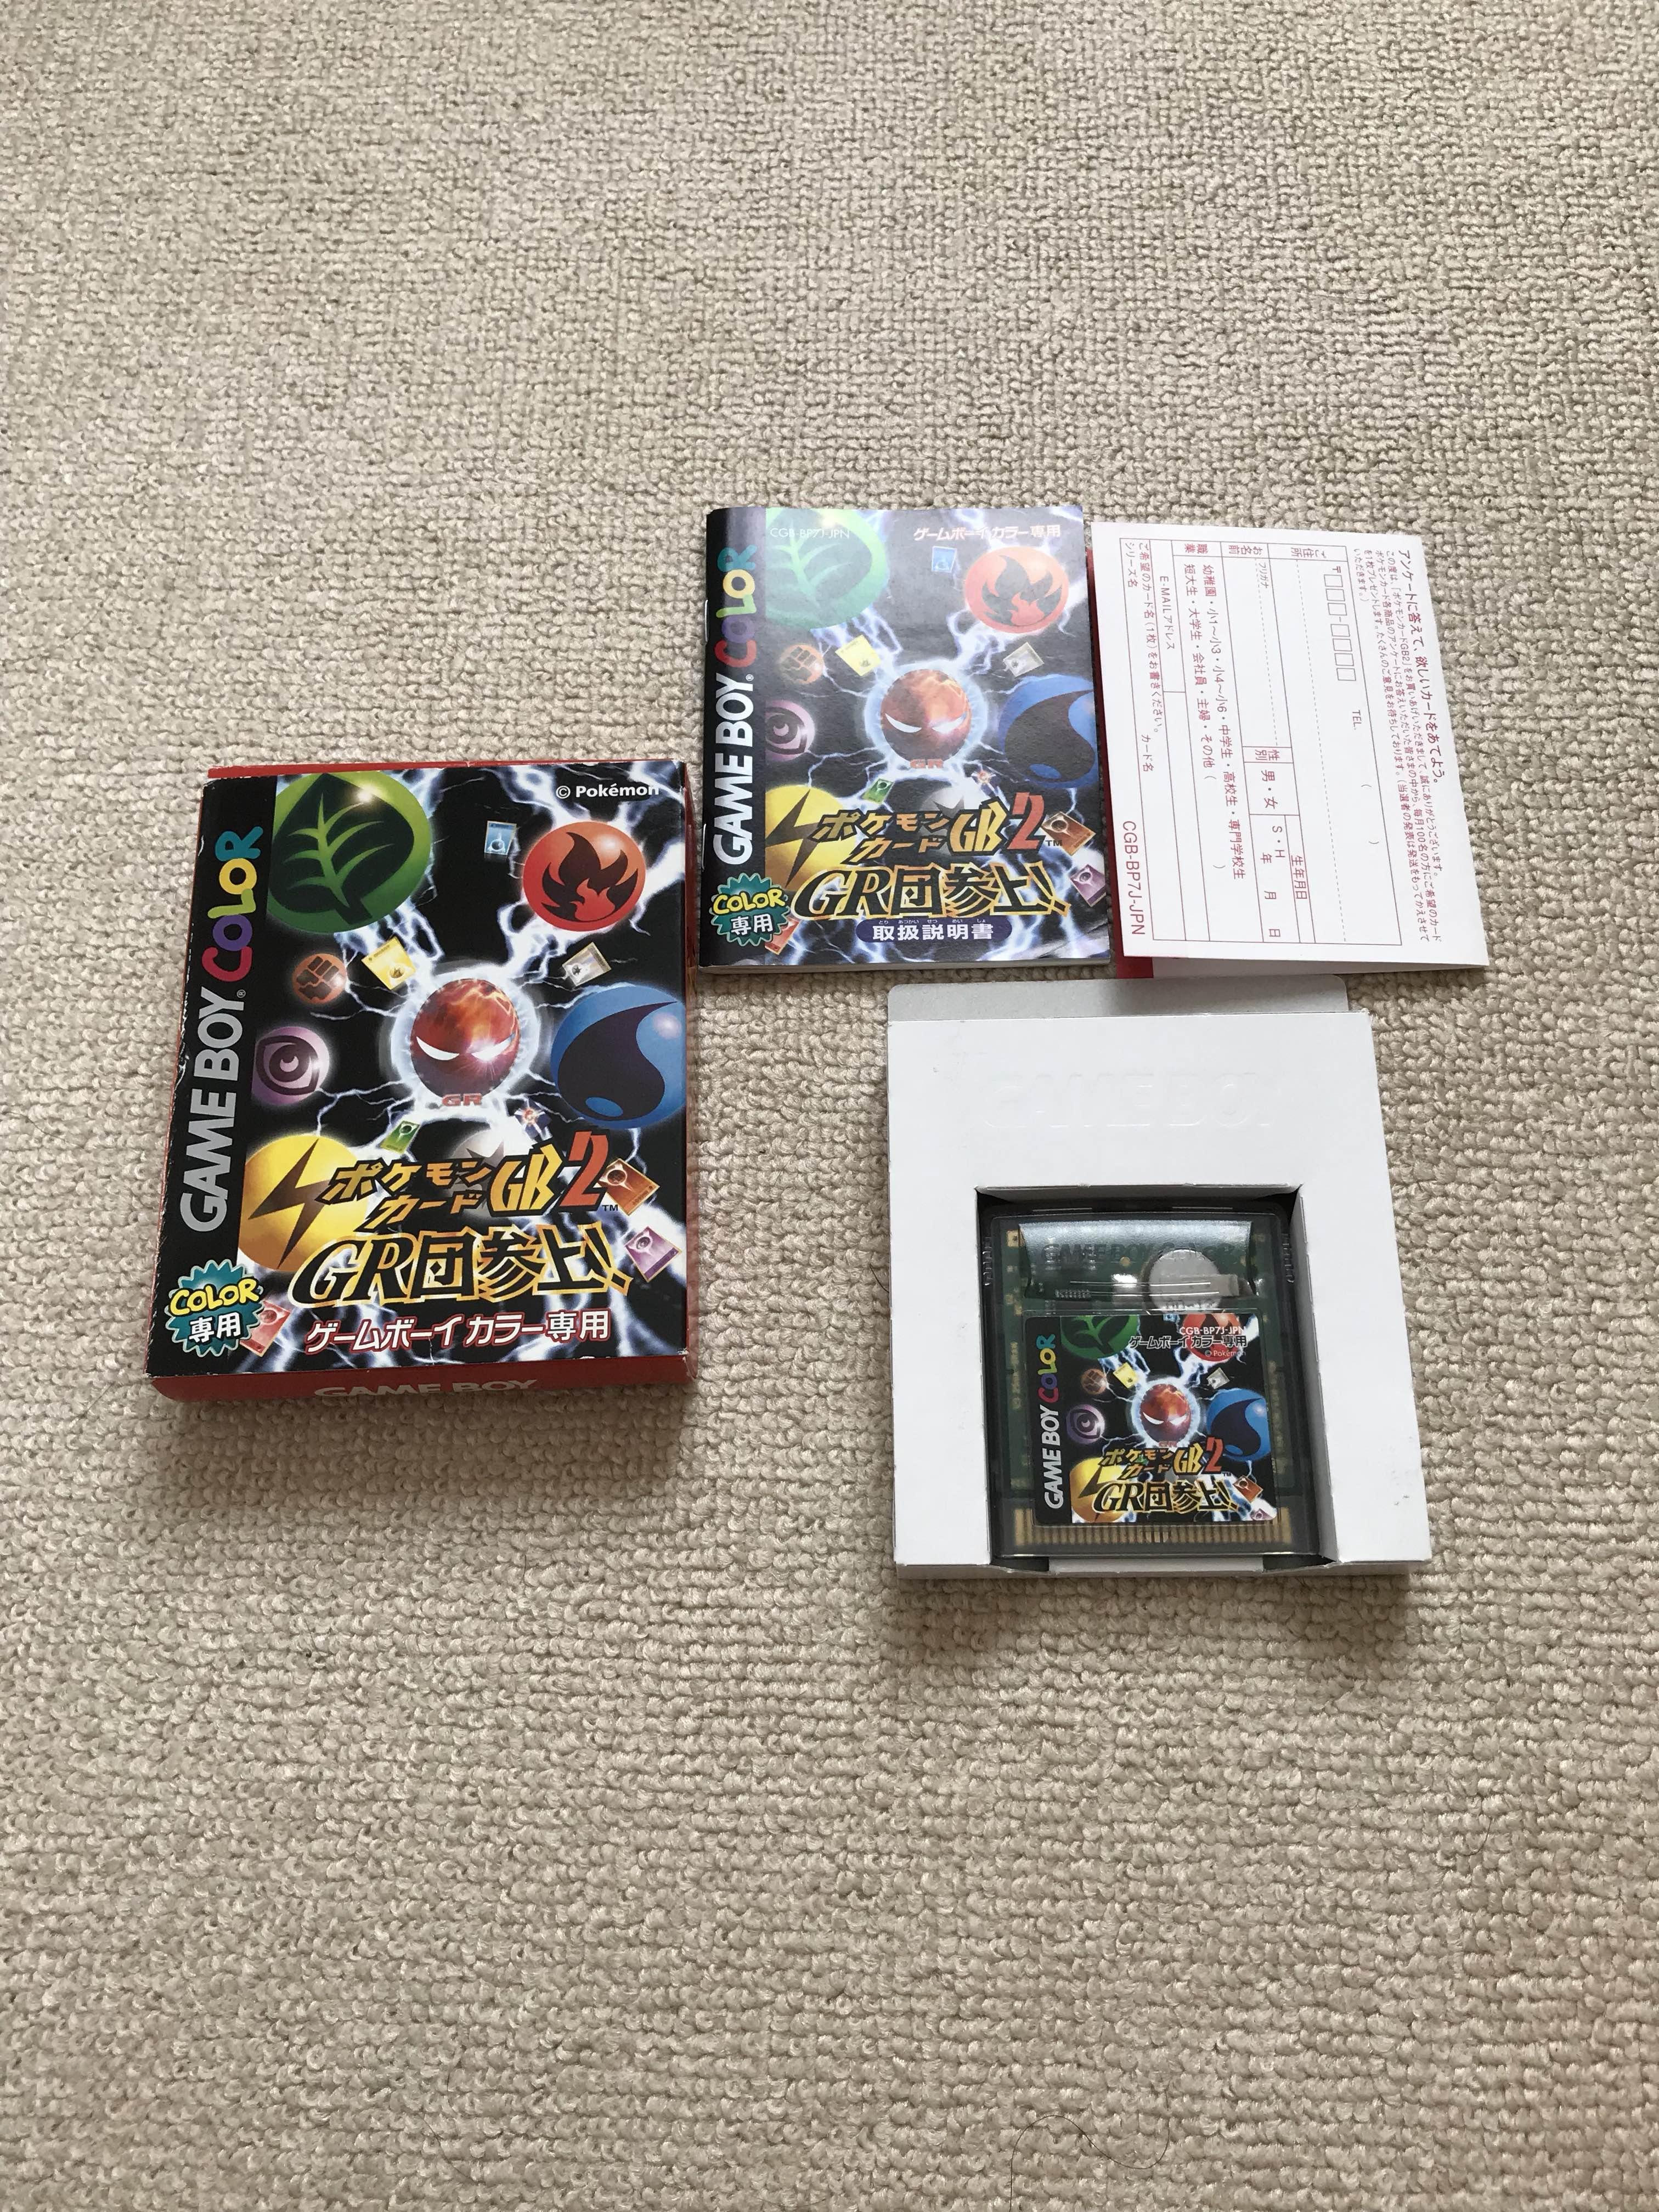 メルカリ - ポケモンカードgb2 gr団参上 【携帯用ゲームソフト